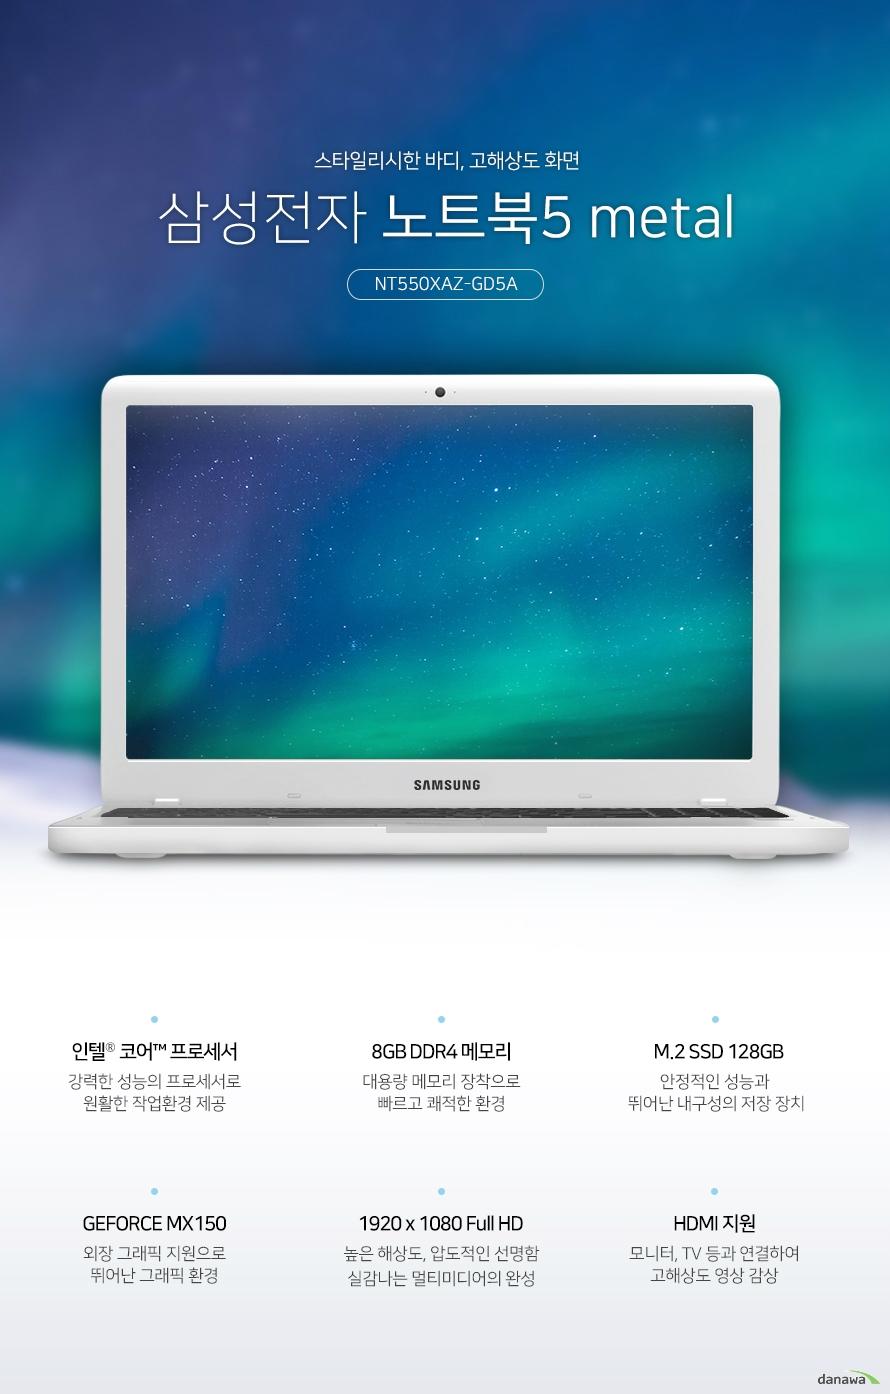 스타일리시한 바디, 고해상도 화면 삼성전자 노트북5 메탈 NT550XAZ-GD5A 인텔 코어 프로세서 강력한 성능의 프로세서로 원활한 작업환경 제공 8GB DDR4 메모리 대용량 메모리 장착으로 빠르고 쾌적한 환경 M.2 SSD 128GB 안정적인 성능과 뛰어난 내구성의 저장 장치 지포스 MX150 외장 그래픽 지원으로 뛰어난 그래픽 환경 1920x1080 Full HD 높은 해상도, 압도적인 선명함 실감나는 멀티미디어의 완성 HDMI 지원 모니터, TV등과 연결하여 고해상도 영상 감상 내구성까지 뛰어난 스타일리시한 메탈바디 가볍고 슬림한 디자인으로 간편하게 휴대하며 사용할 수 있으며, 견고한 메탈바디로 내구성이 뛰어나 어디에서나 안심하고 사용할 수 있습니다. 놀랍도록 선명한, 풍부한 색감과 실감나는 화면 넓은 화면 크기와 높은 해상도로 실감나는 영상을 즐기세요. 뛰어난 화면 퀄리티로 경험해보지 못한 새로운 화면을 선사합니다. 1920x1080 Full HD 풀HD 디스플레이 1920x1080 고해상도의 섬세하고 사실적인 표현으로 게임과 영화 등 멀티미디어에서 실감나는 영상과 이미지를 경험할 수 있습니다. 엔비디아 지포스 MX150 내장 그래픽과는 차원이 다른 프리미엄 그래픽을 경험할 수 있습니다. 고화질 HD 영상부터 3D 게임까지 뛰어난 그래픽 성능을 자랑합니다. 뛰어난 성능의 CPU 인텔코어프로세서 인텔 프로세서는 이전 세대에 비해 더욱 빨라진 시스템 성능과 부드러워진 스트리밍 환경, 풍부한 텍스처와 생생한 그래픽의 HD 화면을 제공합니다. DDR4 8GB RAM 더욱 향상된 성능, 8GB RAM 넉넉한 용량의 RAM 메모리로 빠른 환경을 구축하여 더욱 향상된 성능을 경험할 수 있습니다. 128GB SSD 사양 업그레이드, 듀얼 스토리지 SSD와 HDD 듀얼 스토리지를 지원해 빠른 속도와 넉넉한 저장공간으로 효율을 높여드립니다. 고해상도 영상을 대형화면으로 즐기세요 HDMI 포트를 기본으로 장착하여 1080p Full HD 영상과 HD고음질 사운드를 지원합니다. 다양한 영상기기와 연결하여 대형화면으로 즐길 수 있습니다. 편리하고 정확한 조작감 치클릿 키보드 키와 키 사이에 간격이 있는 치클릿 키보드를 장착하여 오타가 적고 정확한 타이핑을 할 수 있습니다. 뛰어난 키감으로 사용감이 좋습니다. 숫자 키패드가 포함된 풀사이즈 키보드 풀사이즈 키보드는 숫자 키패드를 포함하고 있습니다. 기존에 데스크탑 키배열을 그대로 옮겨와, 더욱 편리하게 사용할 수 있습니다. 스펙 CPU 8세대 인텔 코어 i5-8250U 기본 1.6GHz, 터보 3.4GHz, 6MB, TDP 15W 운영체제 리눅스 메모리 8GB DDR4 온보드 4GBx1, 4GBx1) 저장 장치 M.2 SSD 128GB(2.5추가슬롯 x1) ODD 없음 LCD 크기 39.62cm LCD 종류 LED 백라이트 LCD, 광시야각, 눈부심 방지 해상도 1920 x 1080 (16:9 와이드 풀HD) 그래픽 엔비디아 지포스 MX150 그래픽 전용 메모리 2GB GDDR5 LAN 유선 있음 무선 802.11ac 블루투스 블루투스 지원 입출력단자 USB 3.0 2개, USB 2.0 1개, HDMI, 오디오 카메라 있음 크기 377.4x248.6x19.9mm 무게 1.90kg KC인증 R-REM-SEC-NT550XAA